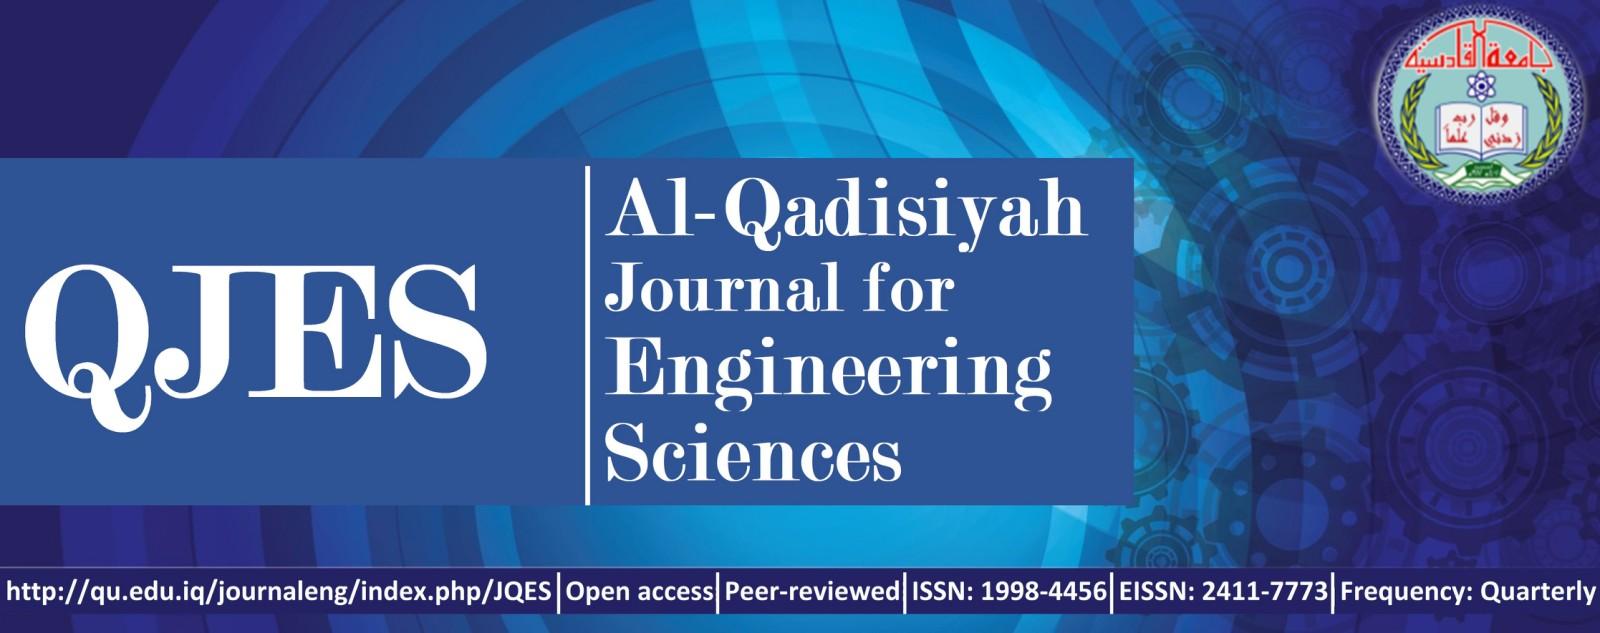 مجلة القادسية للعلوم الهندسية تصدر عددها الثالث سعيا في الانضمام الى المجلات التي تقع ضمن تصنيفات سكوباس